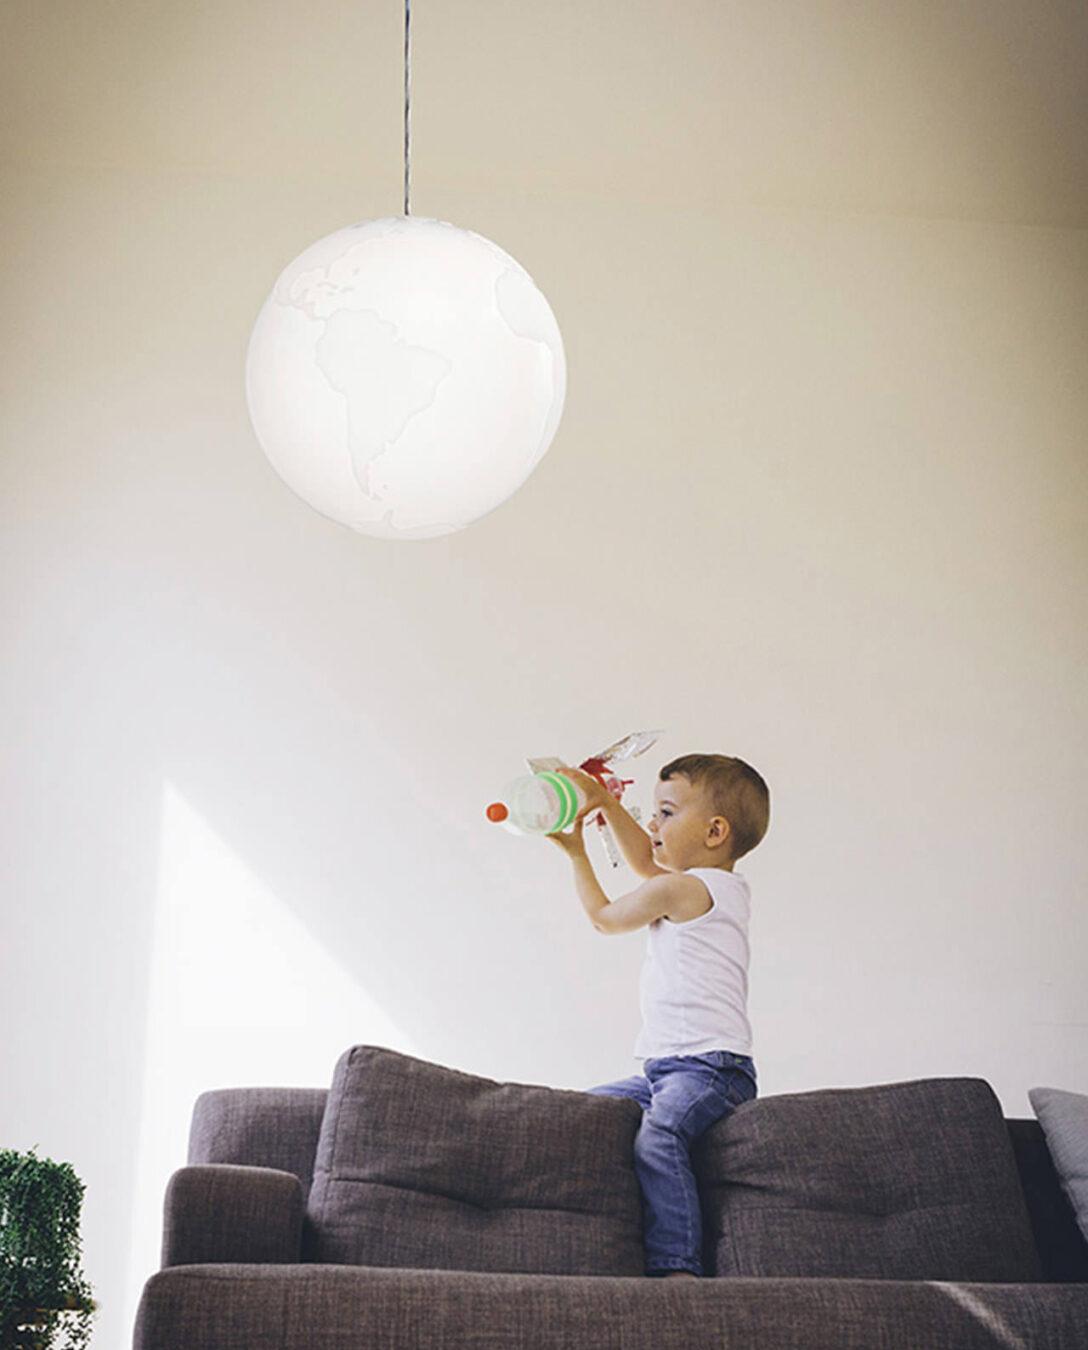 Full Size of Deckenlampe Kinderzimmer Lampenschirm Wale Handmade Wohnzimmer Regal Deckenlampen Für Modern Regale Sofa Weiß Kinderzimmer Deckenlampen Kinderzimmer